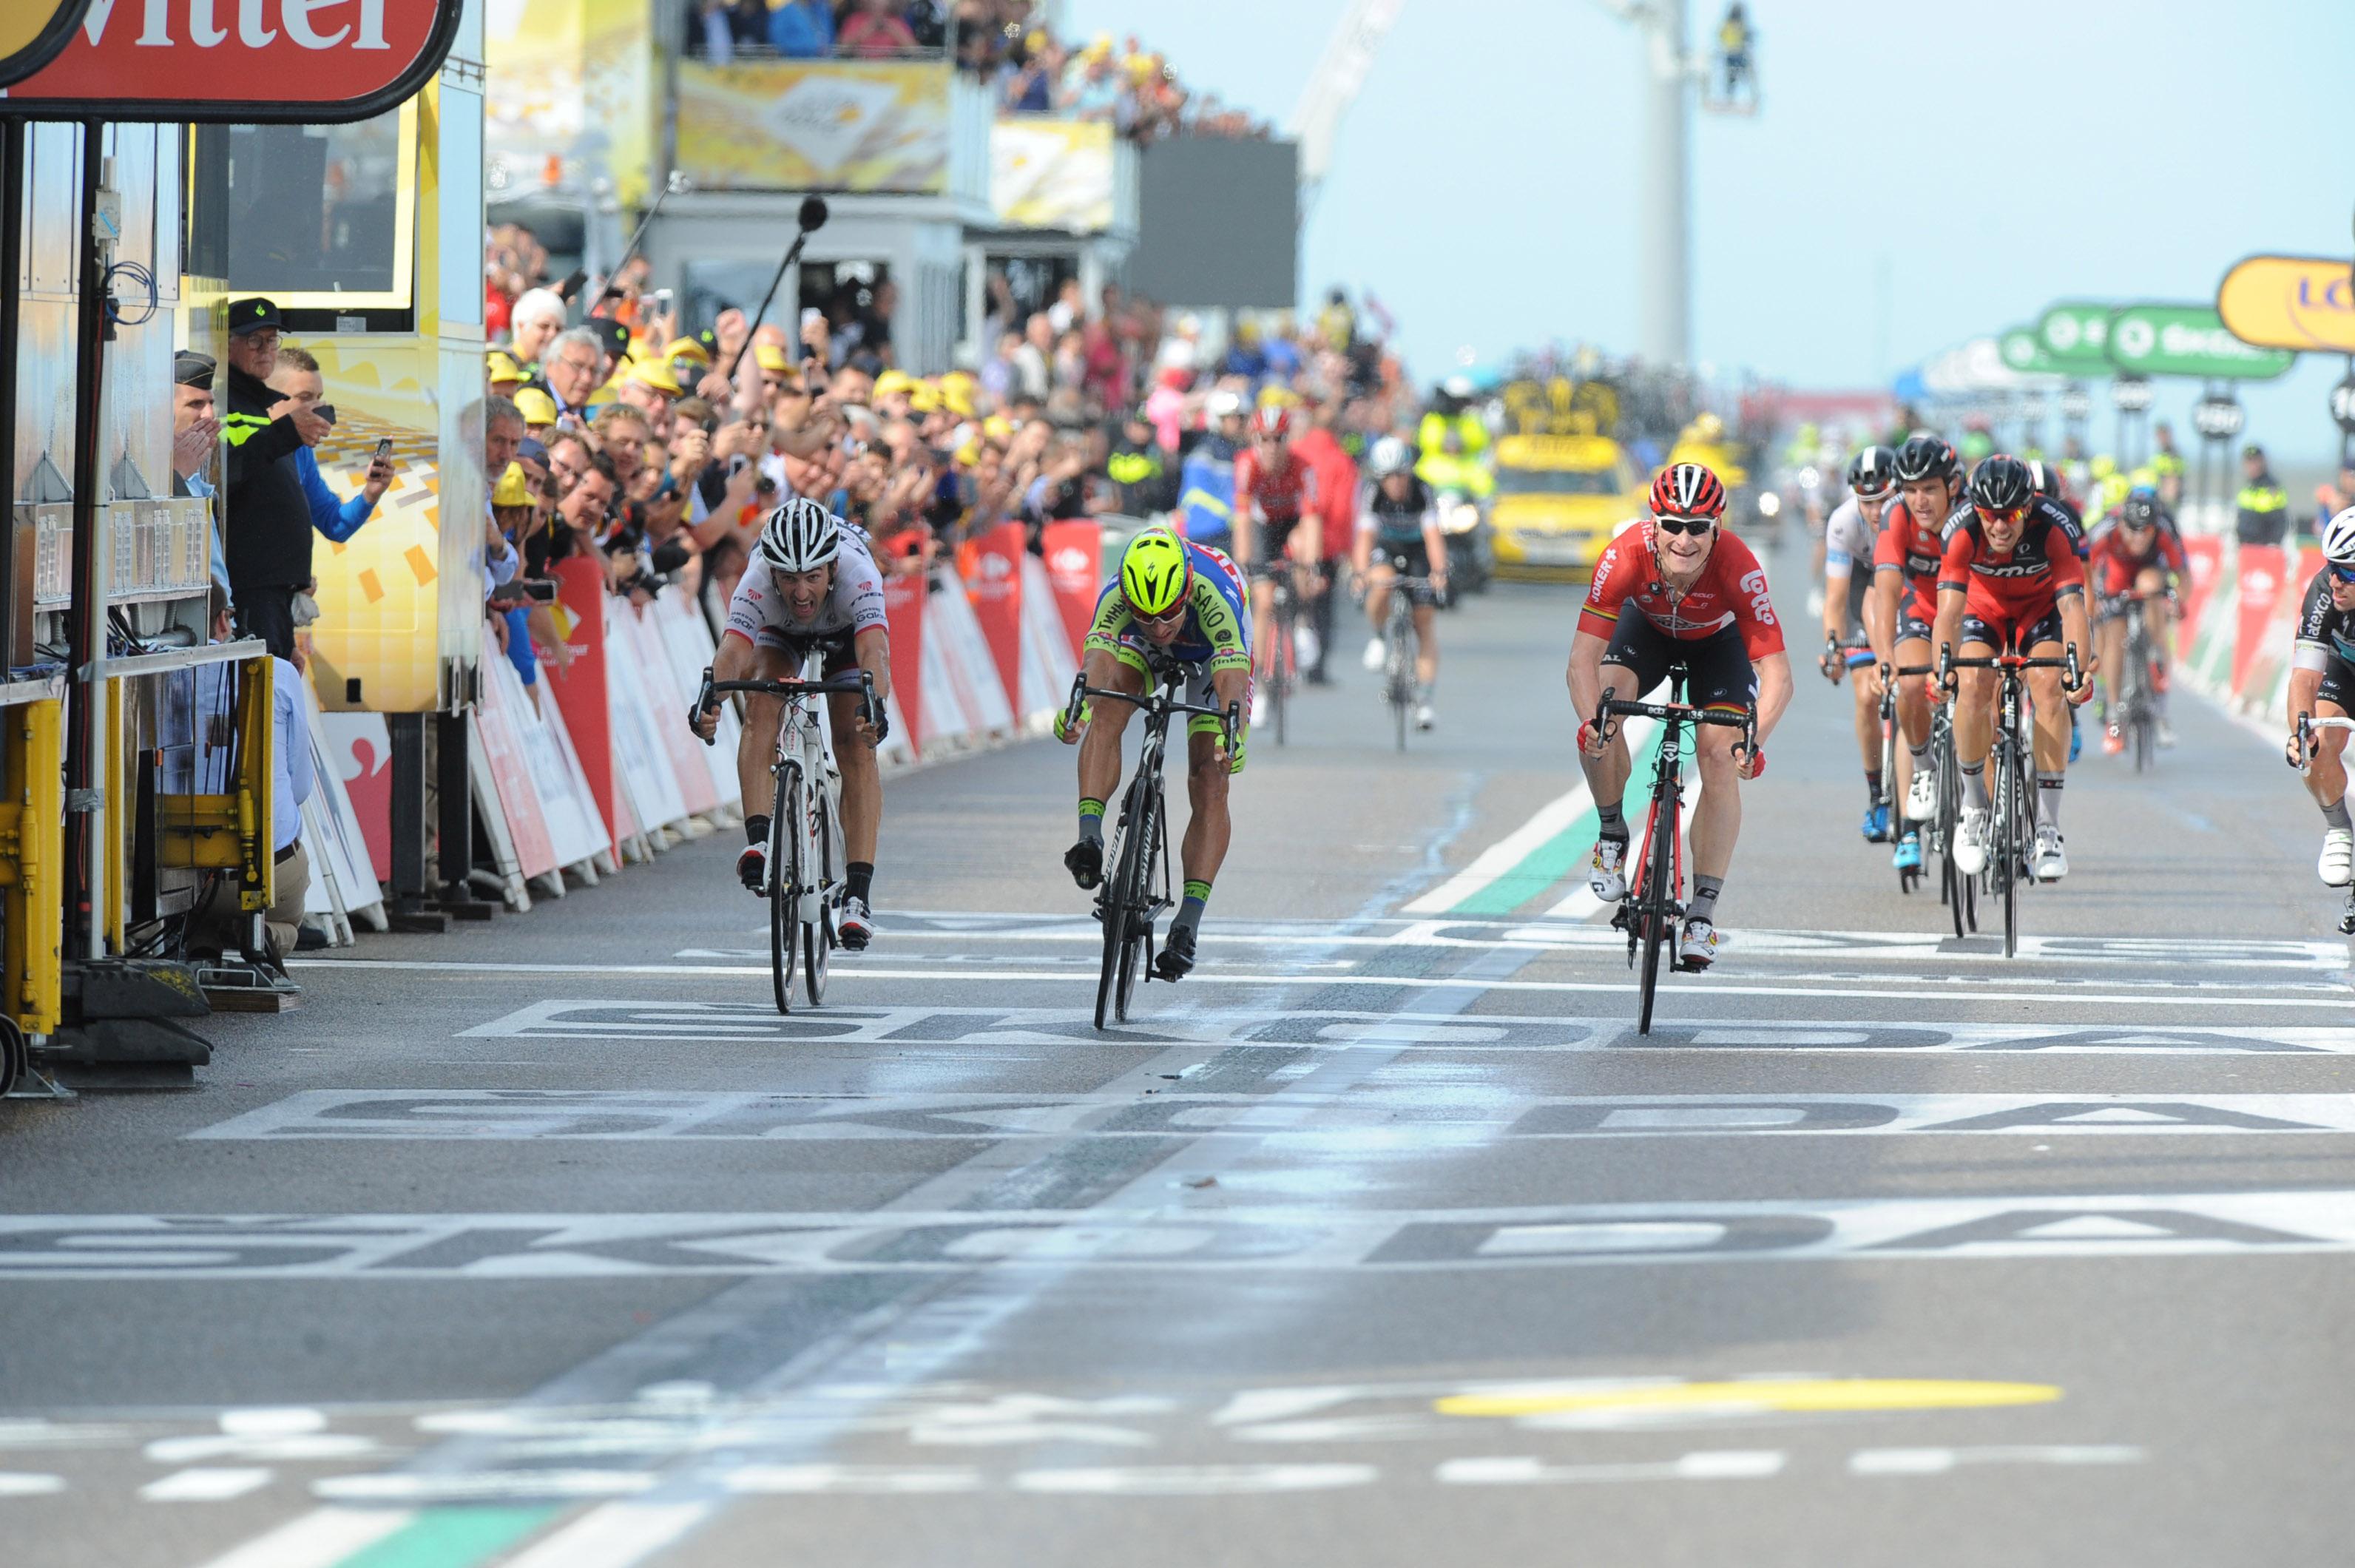 Zweite Etappe der Tour de France 2015 mit einem Sieg von Andre Greipel.